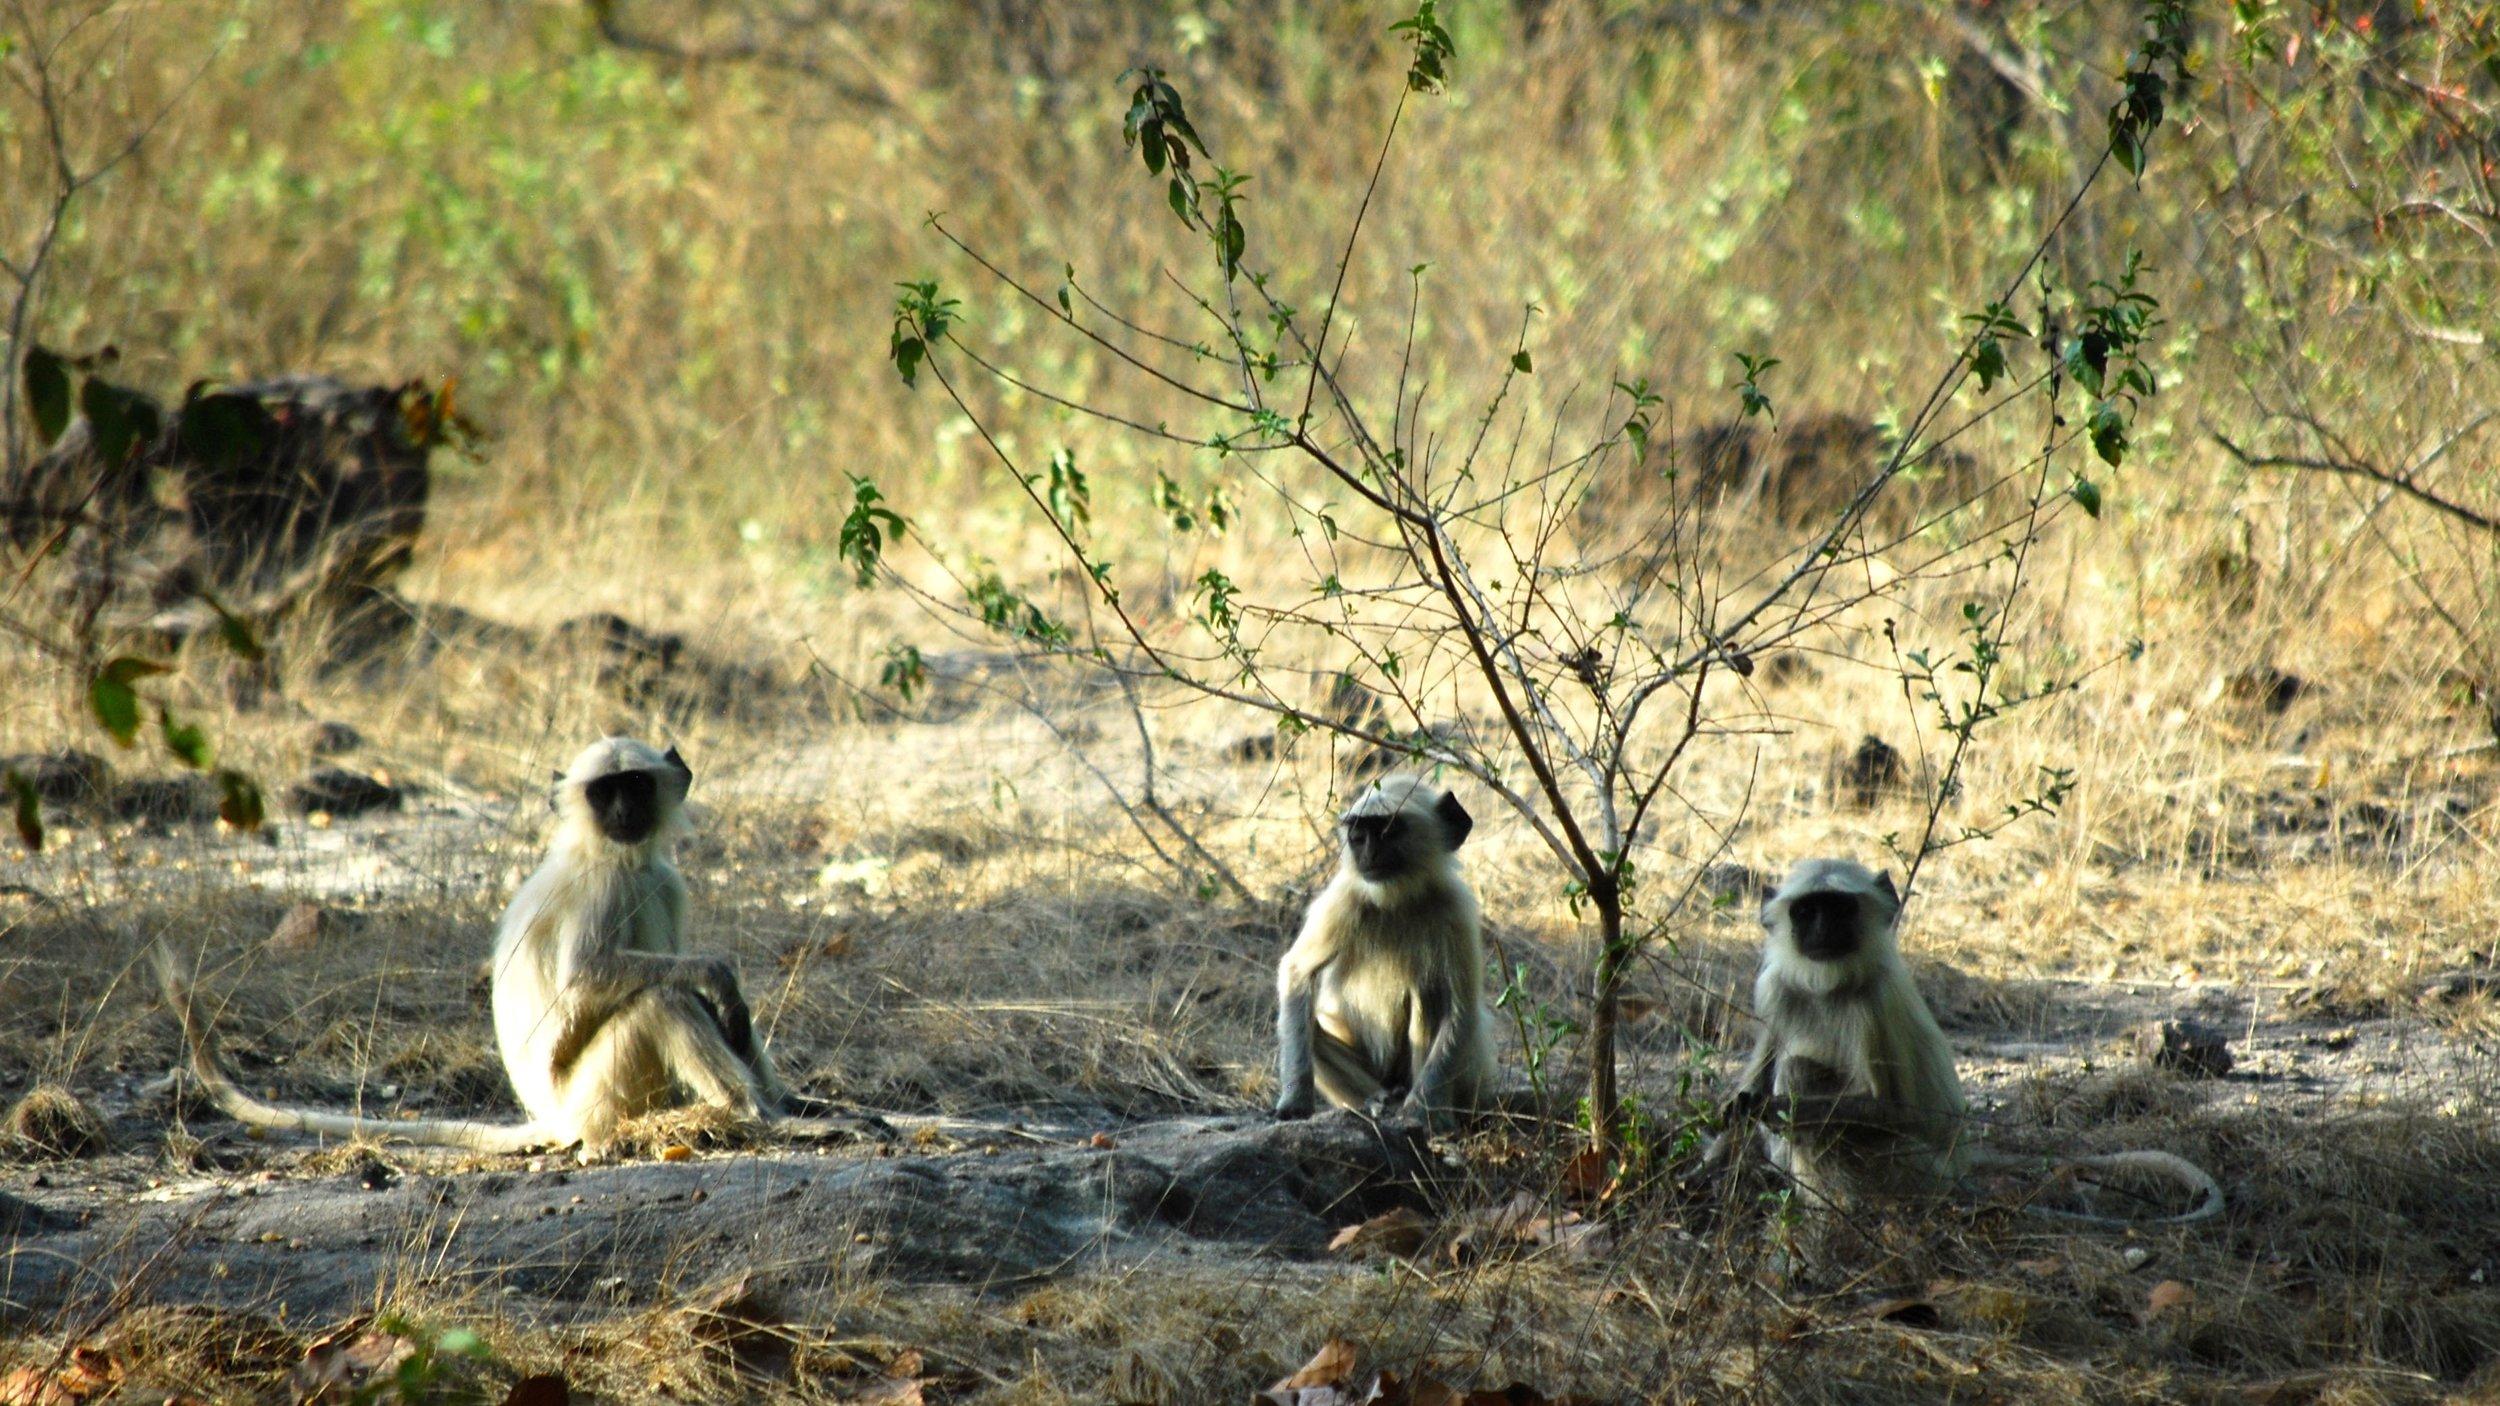 India-Madhya-Pradesh-Bhandavgarh-monkeys.jpg